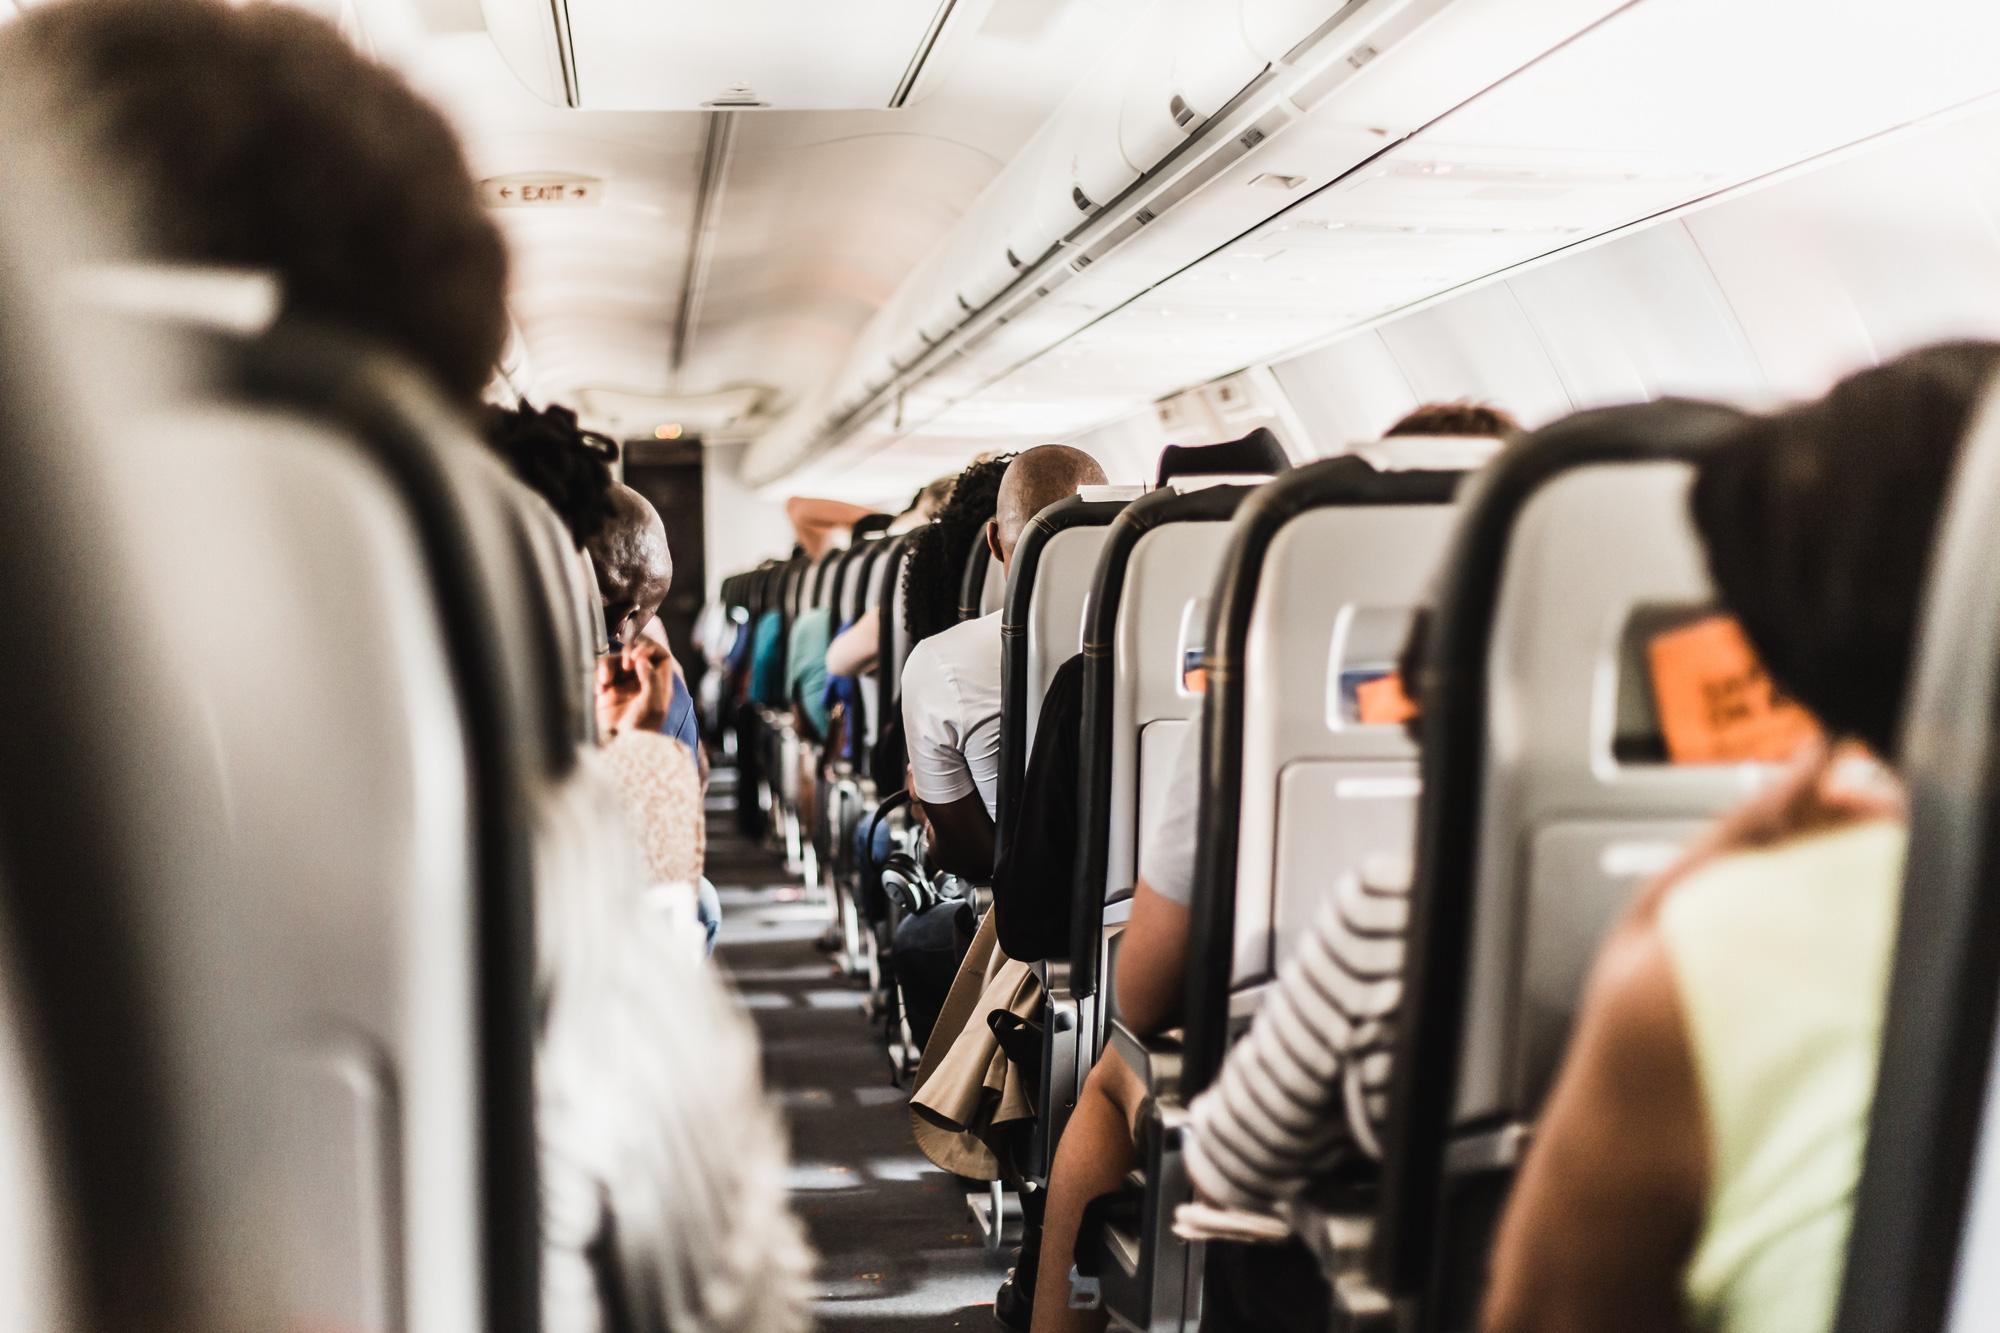 13 kiểu người bị ghét trên máy bay có nên tránh? - Ảnh 9.